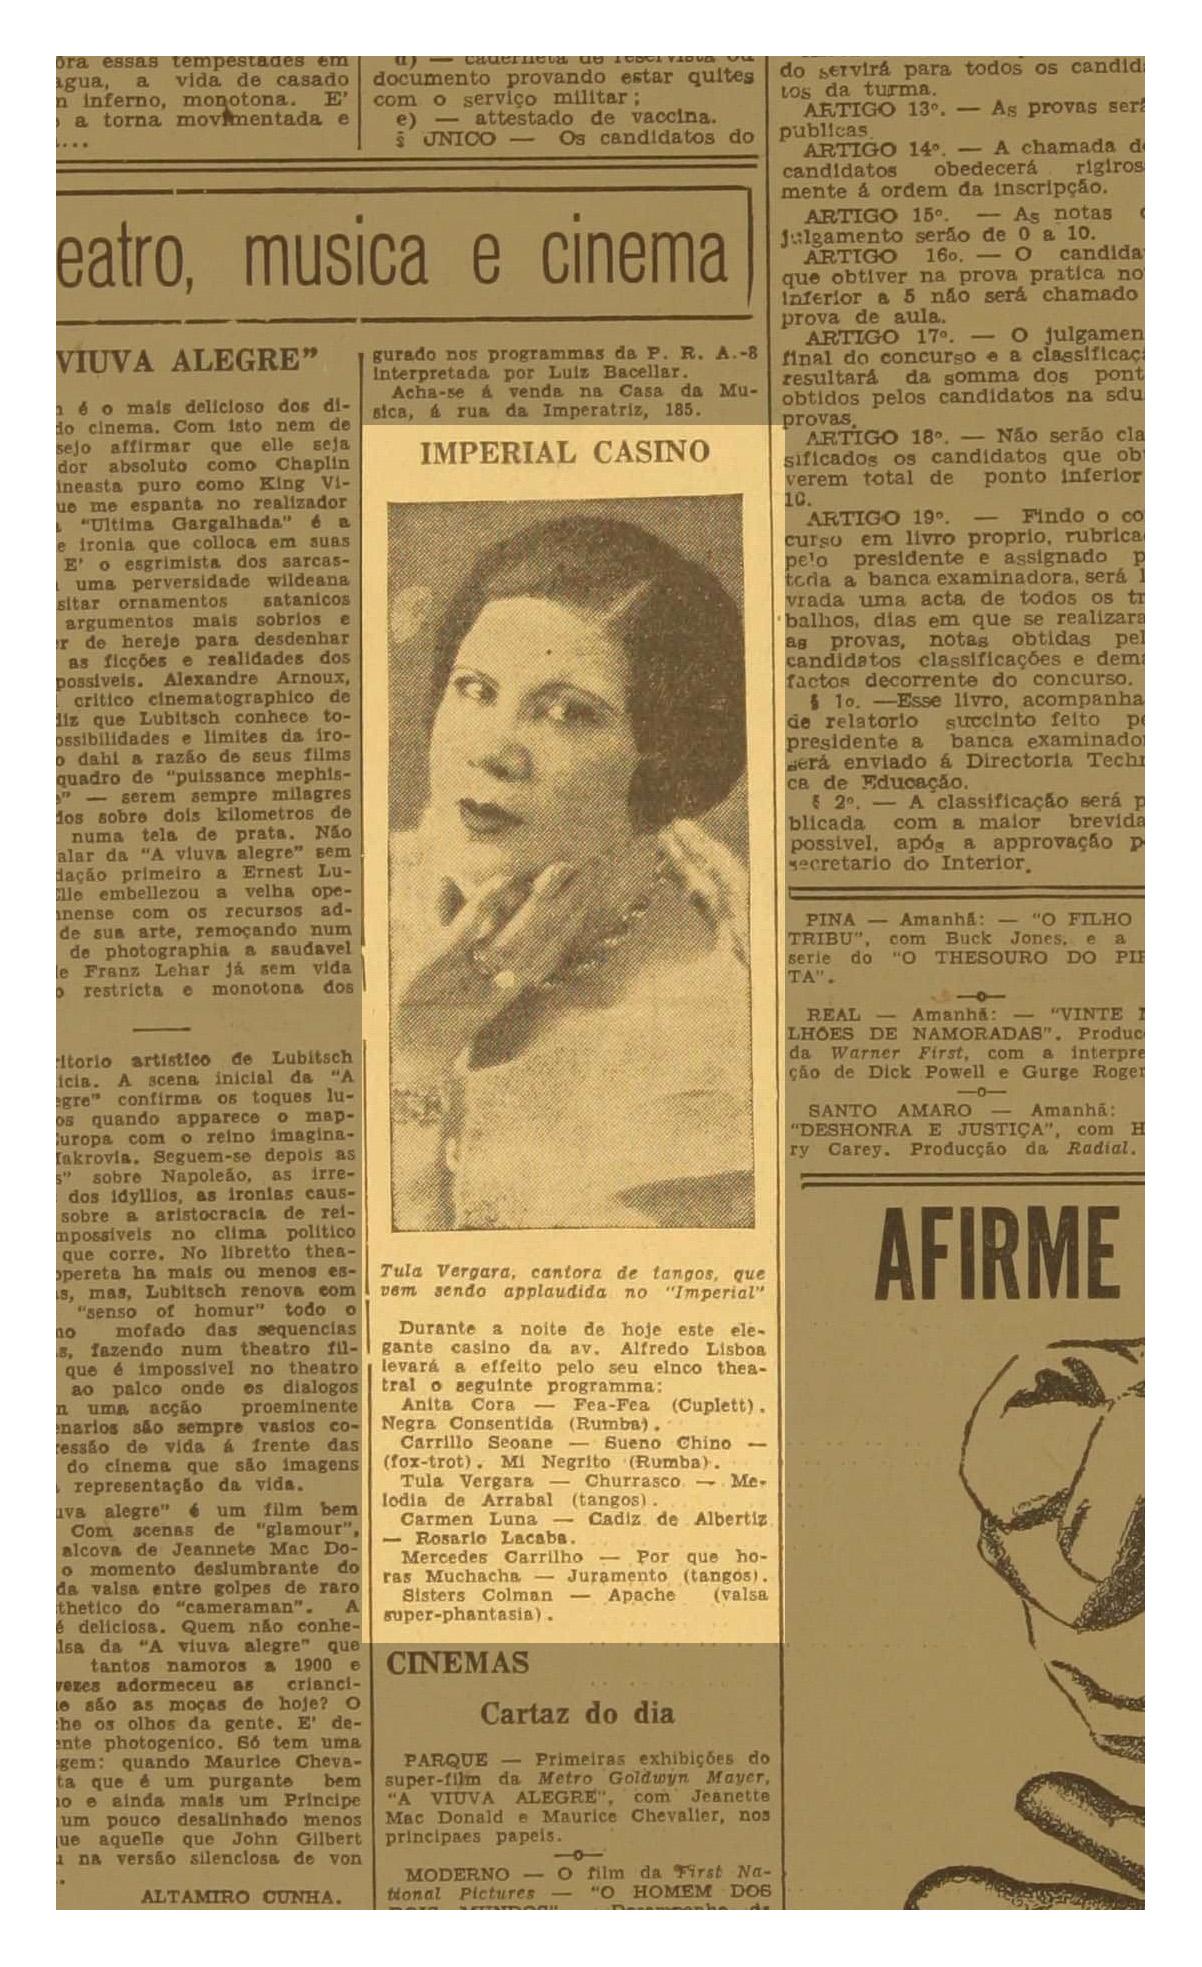 Manoela-1935-07-02_DiárioDaManhã_Recife-PE-2-copy1.jpg